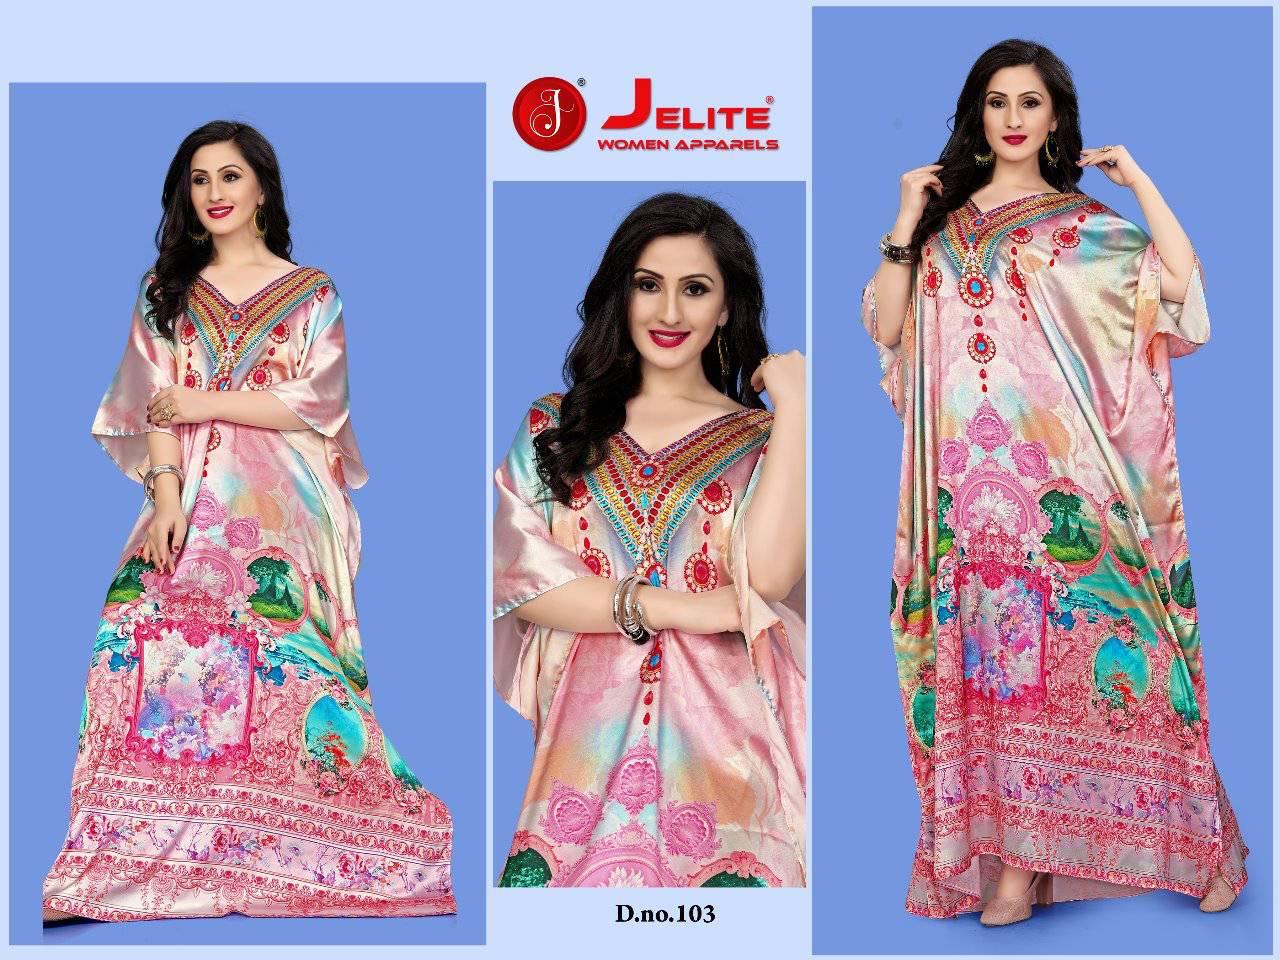 Jelite Kaftans Vol 1 Kurti Wholesale Catalog 8 Pcs 4 - Jelite Kaftans Vol 1 Kurti Wholesale Catalog 8 Pcs